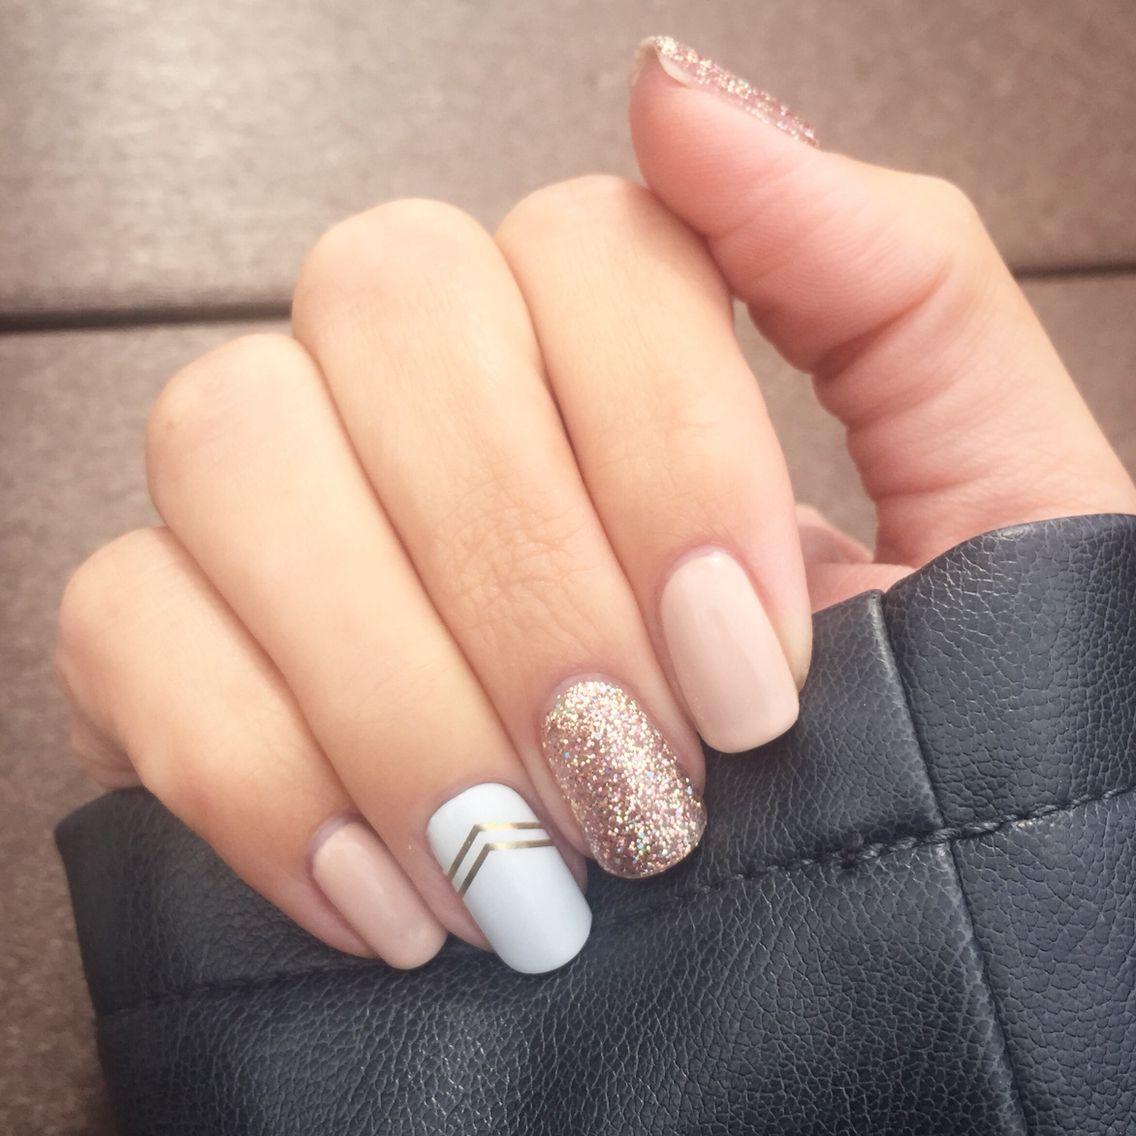 Häufig idée ongles #neutre | Nails | Pinterest | Ongles neutres, Idee  EA19